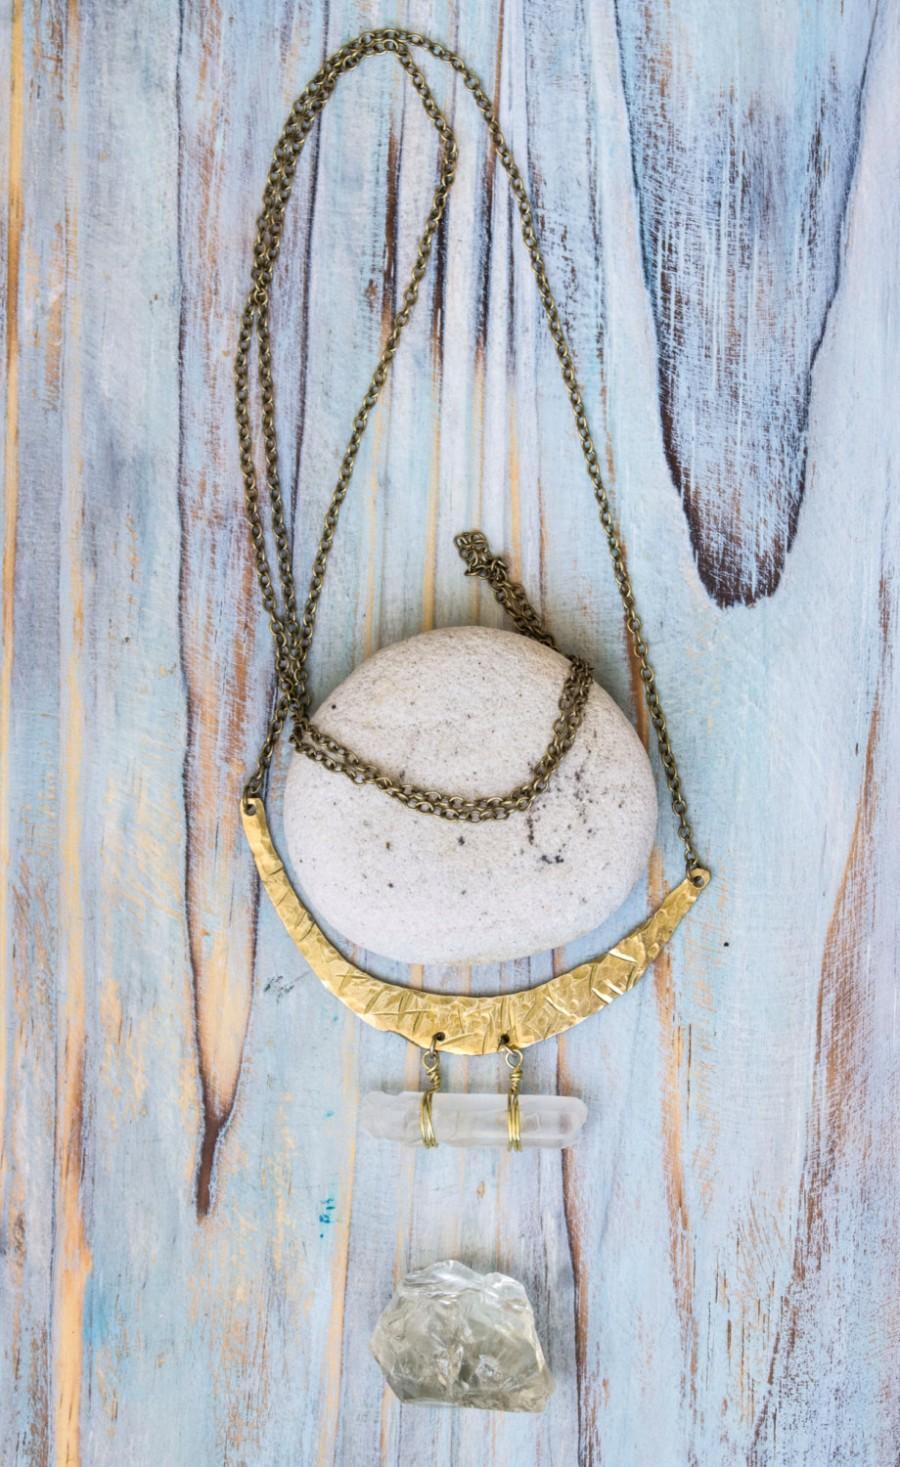 Wedding - Moon pendant, celestial pendant, yoga  pendant, aqua aura quartz points pendant, quartz points pendant, long chain pendant